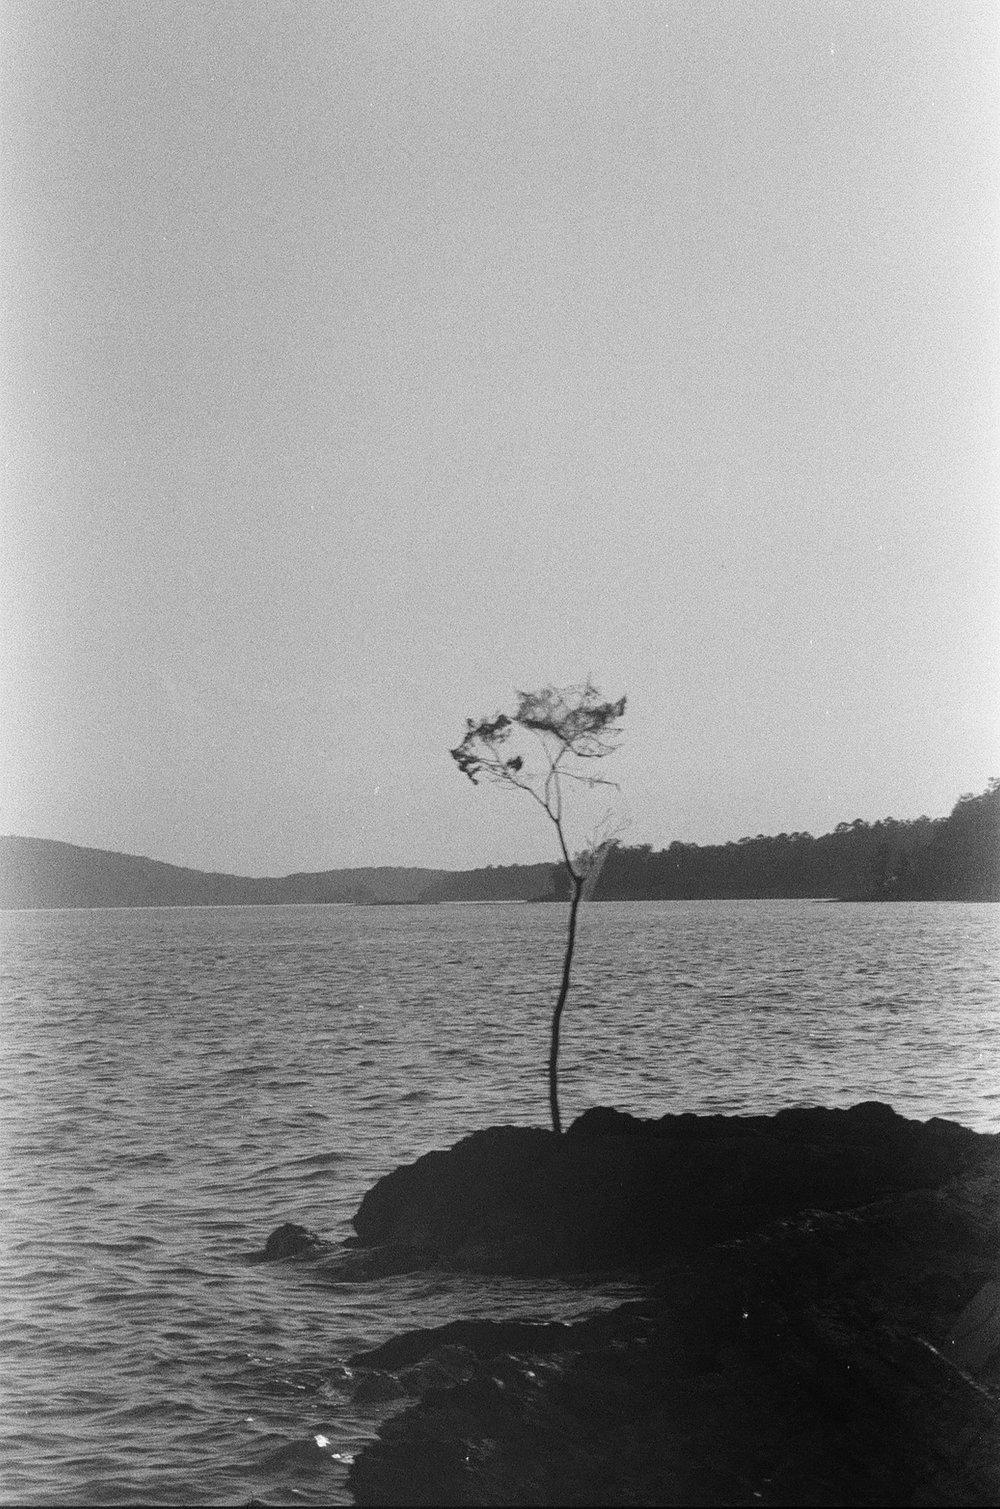 Tree_on_island.jpg